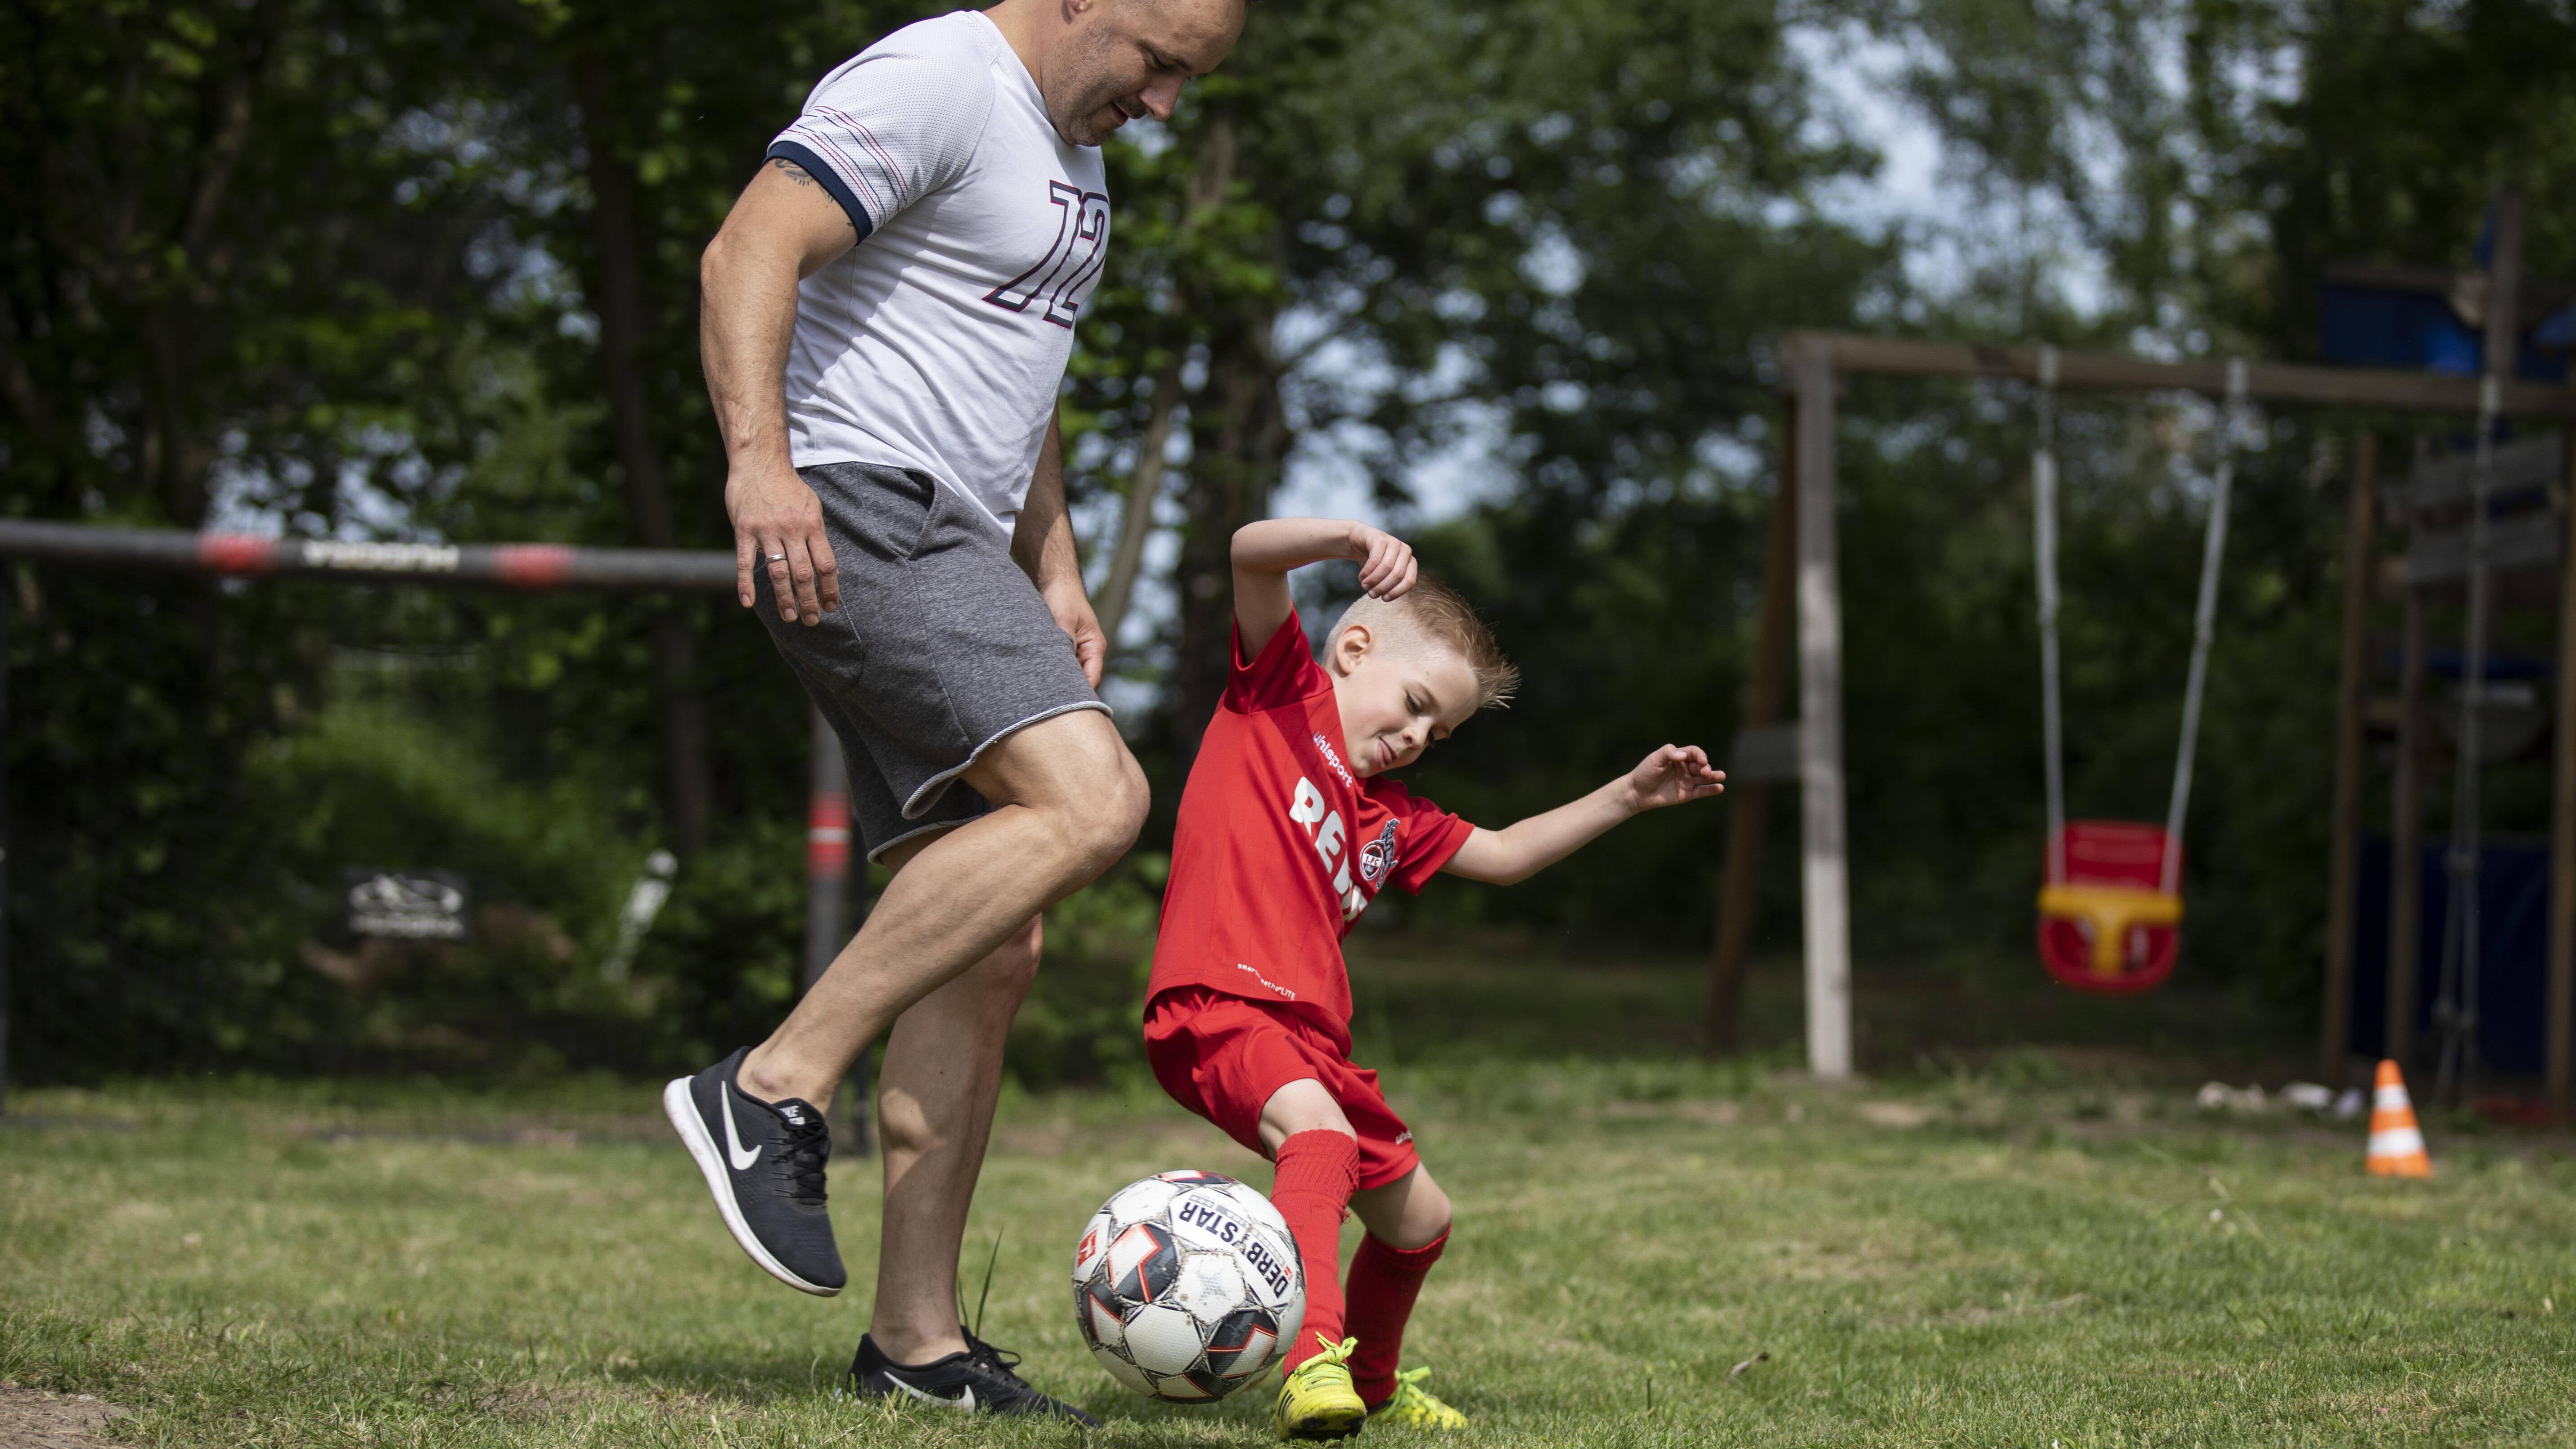 Sportliche Aktivitäten helfen Ihrem Kind beim Abnehmen.